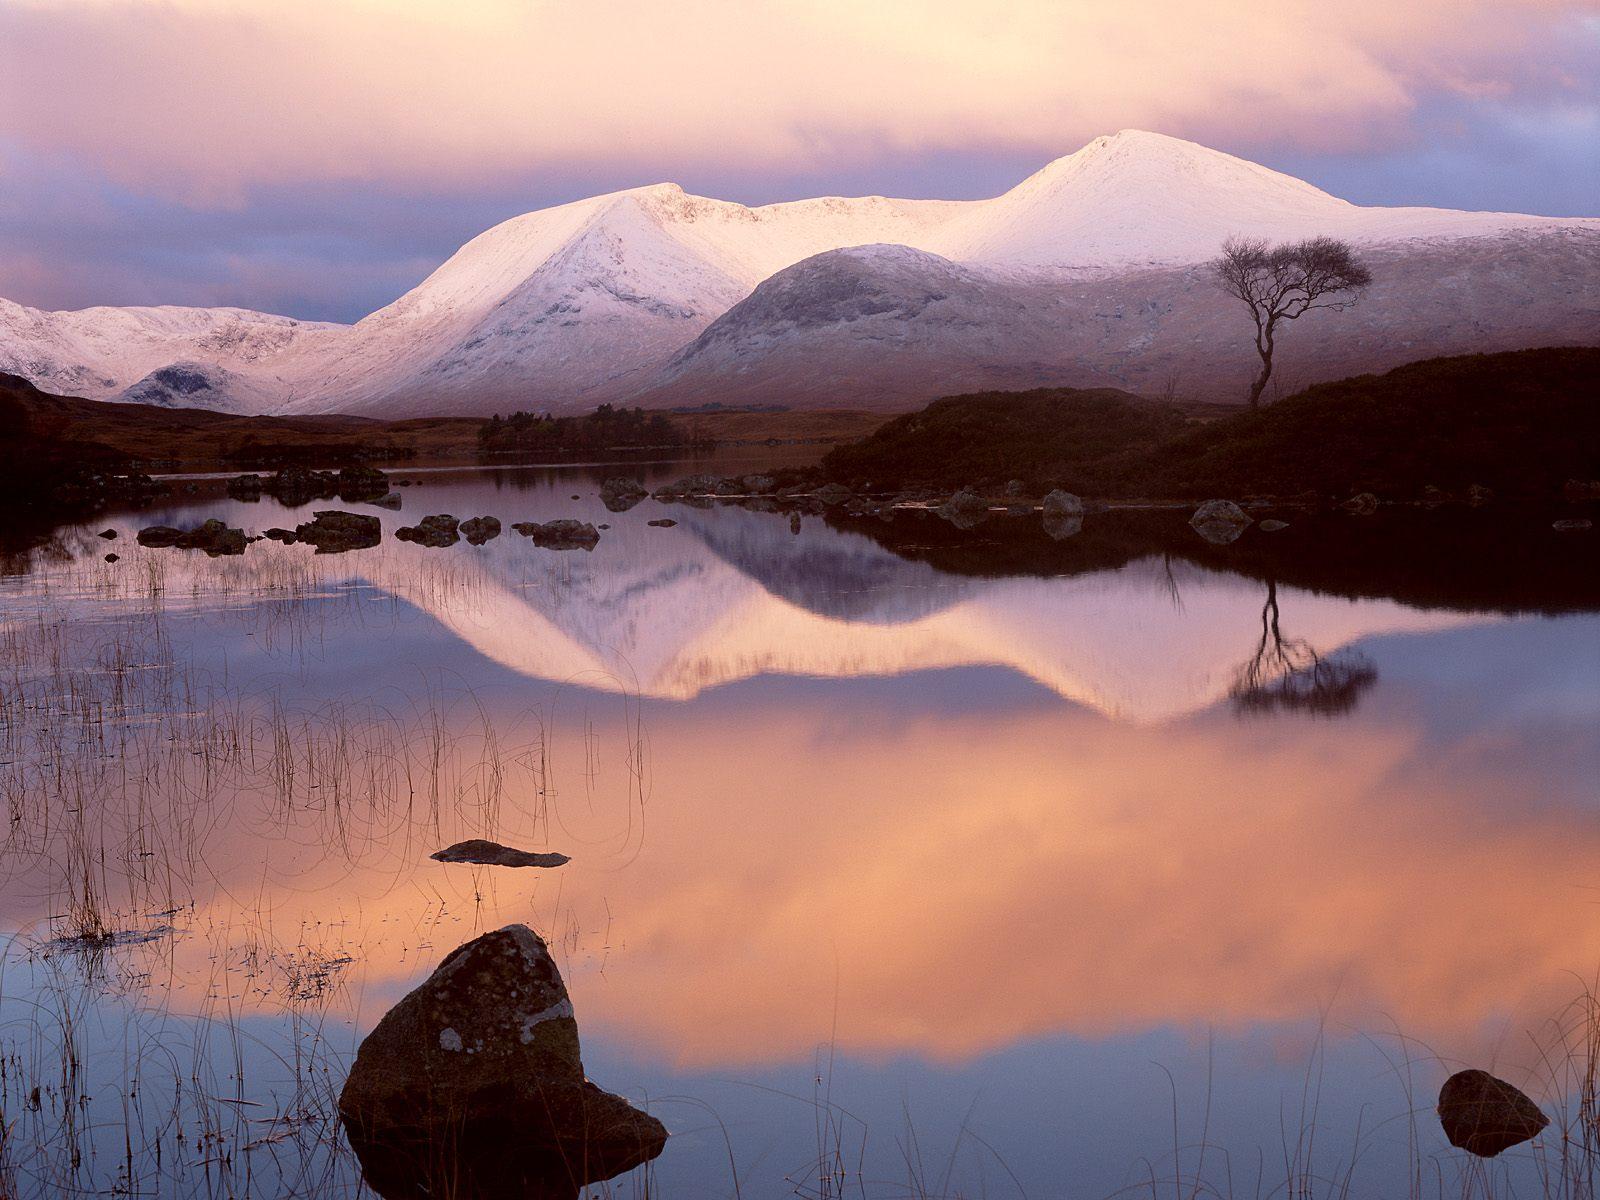 http://2.bp.blogspot.com/-2re1e4V5He8/TrkzMzuFouI/AAAAAAAAD7k/yJrIPsKy194/s1600/Lochan-Na-H-Achlaise-Western-Highlands-Scotland.jpg